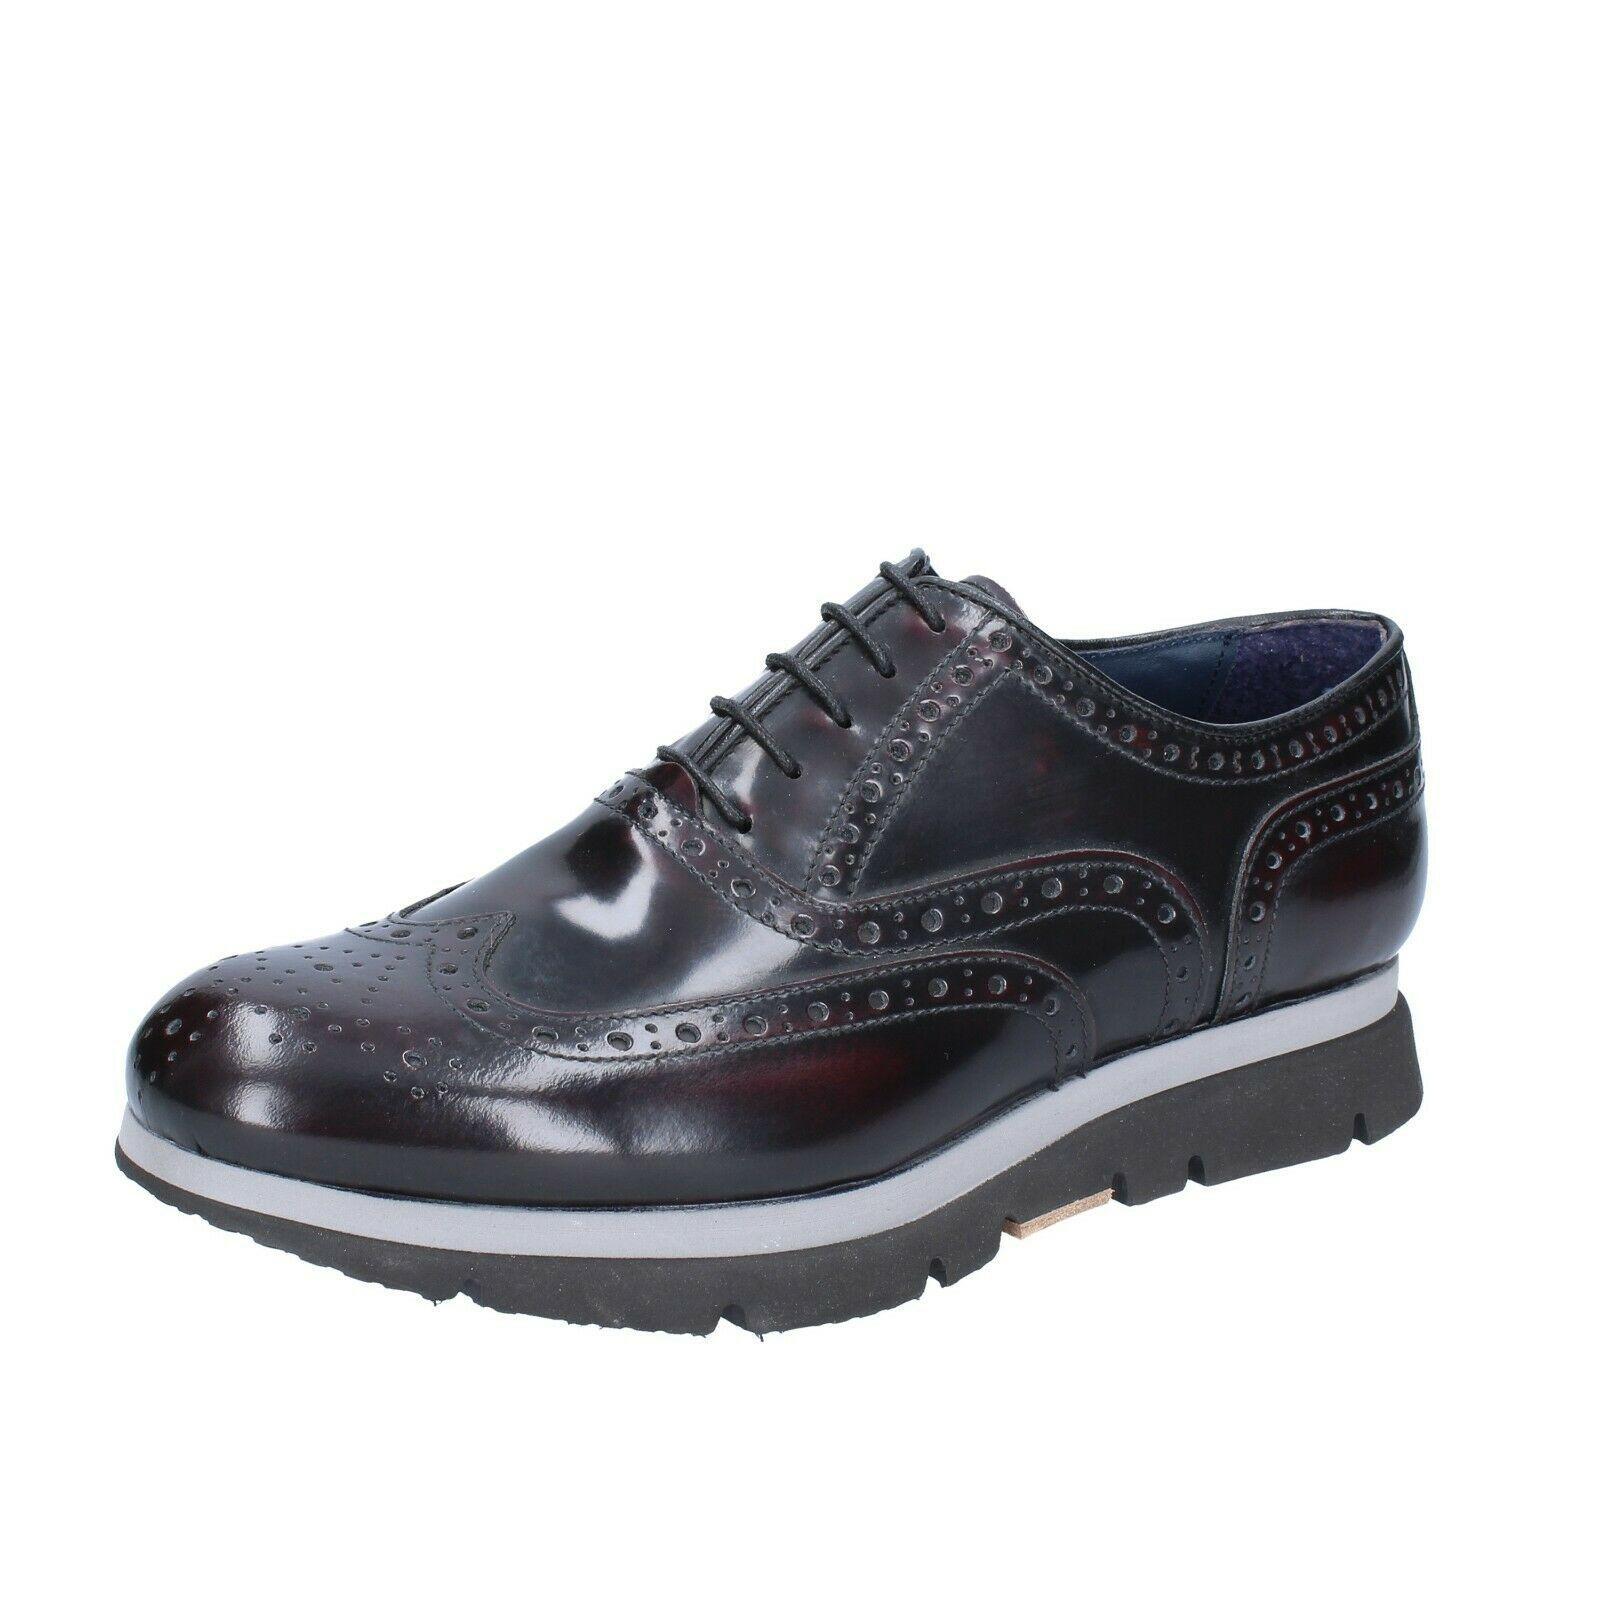 BREITLIN classiche bordeaux pelle lucida nero BS702 scarpe uomo J